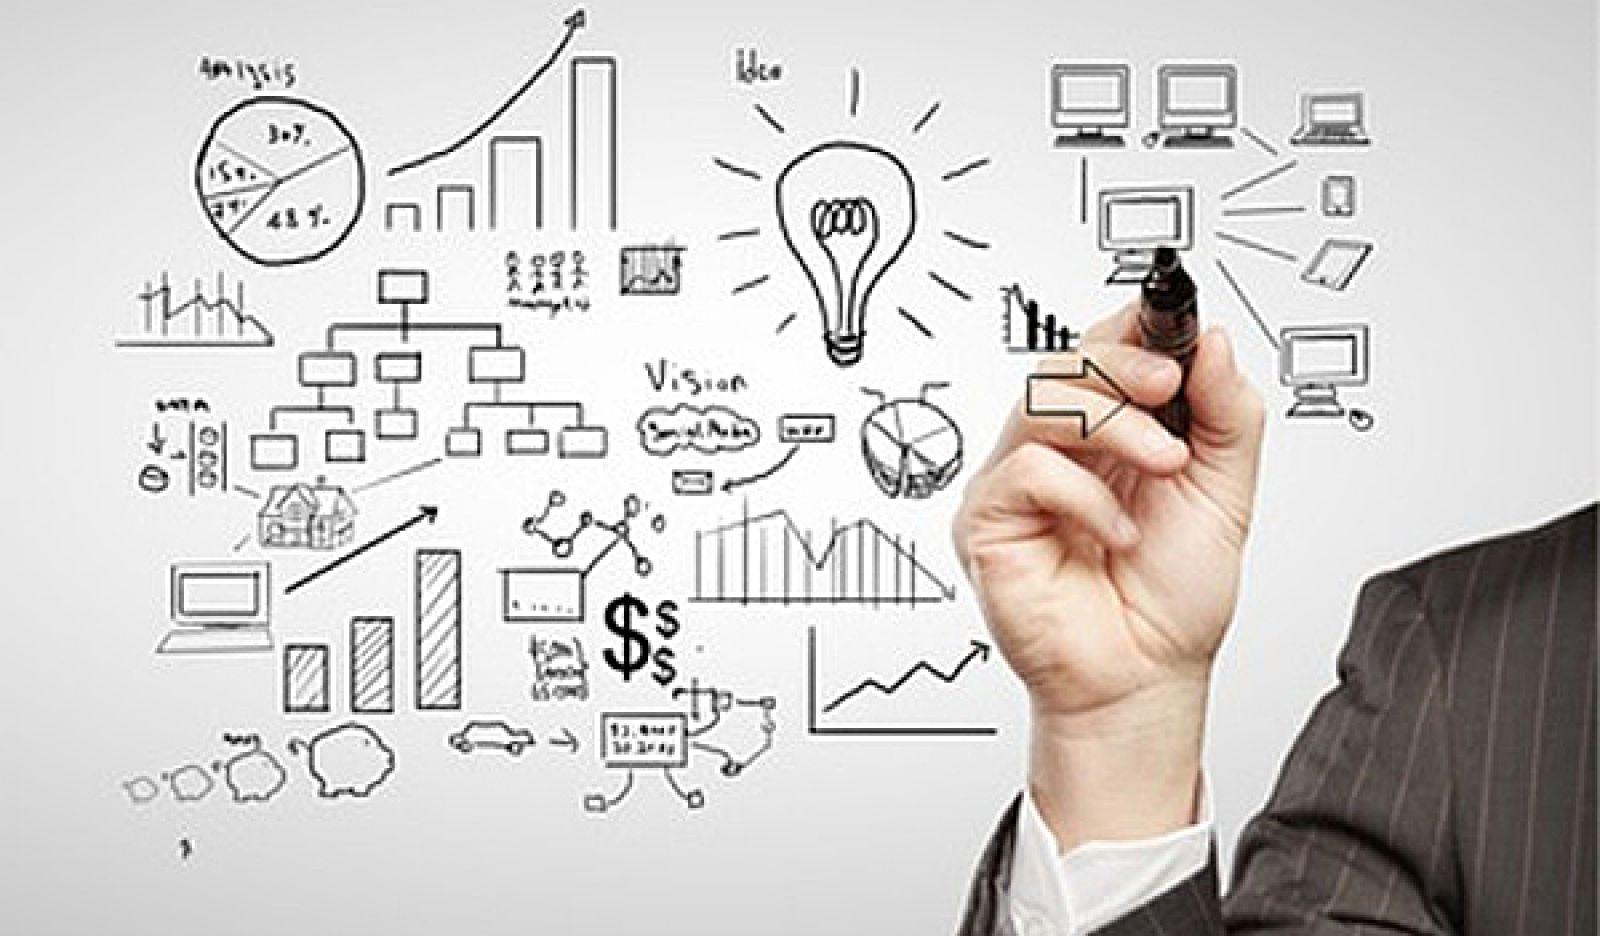 Kỹ năng khởi nghiệp cần có để kinh doanh thành công